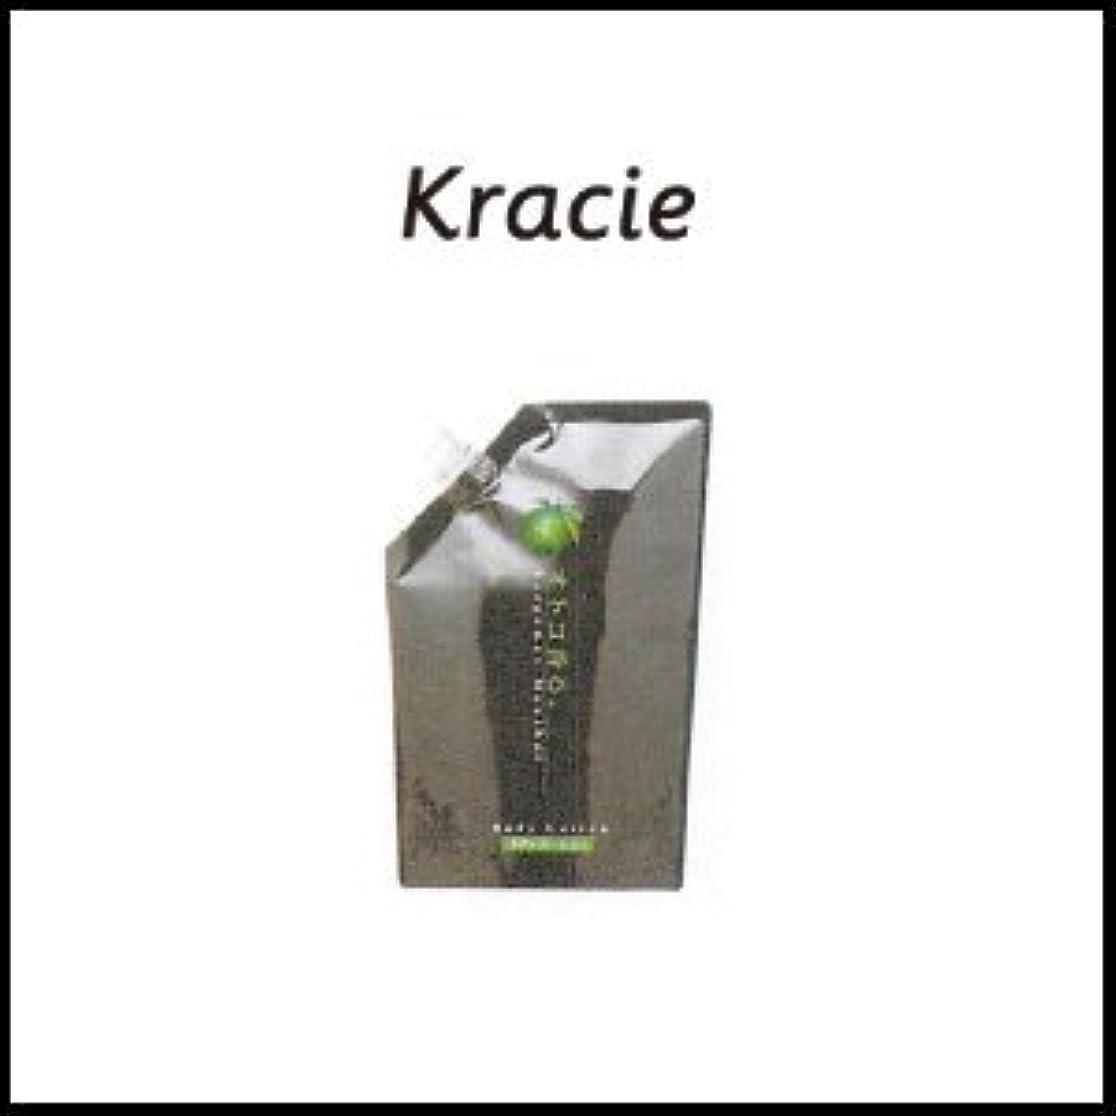 なしで世界的に節約するクラシエ オトコ香る ボディローション(ベルガモット) 500ml 詰替え用(レフィル)